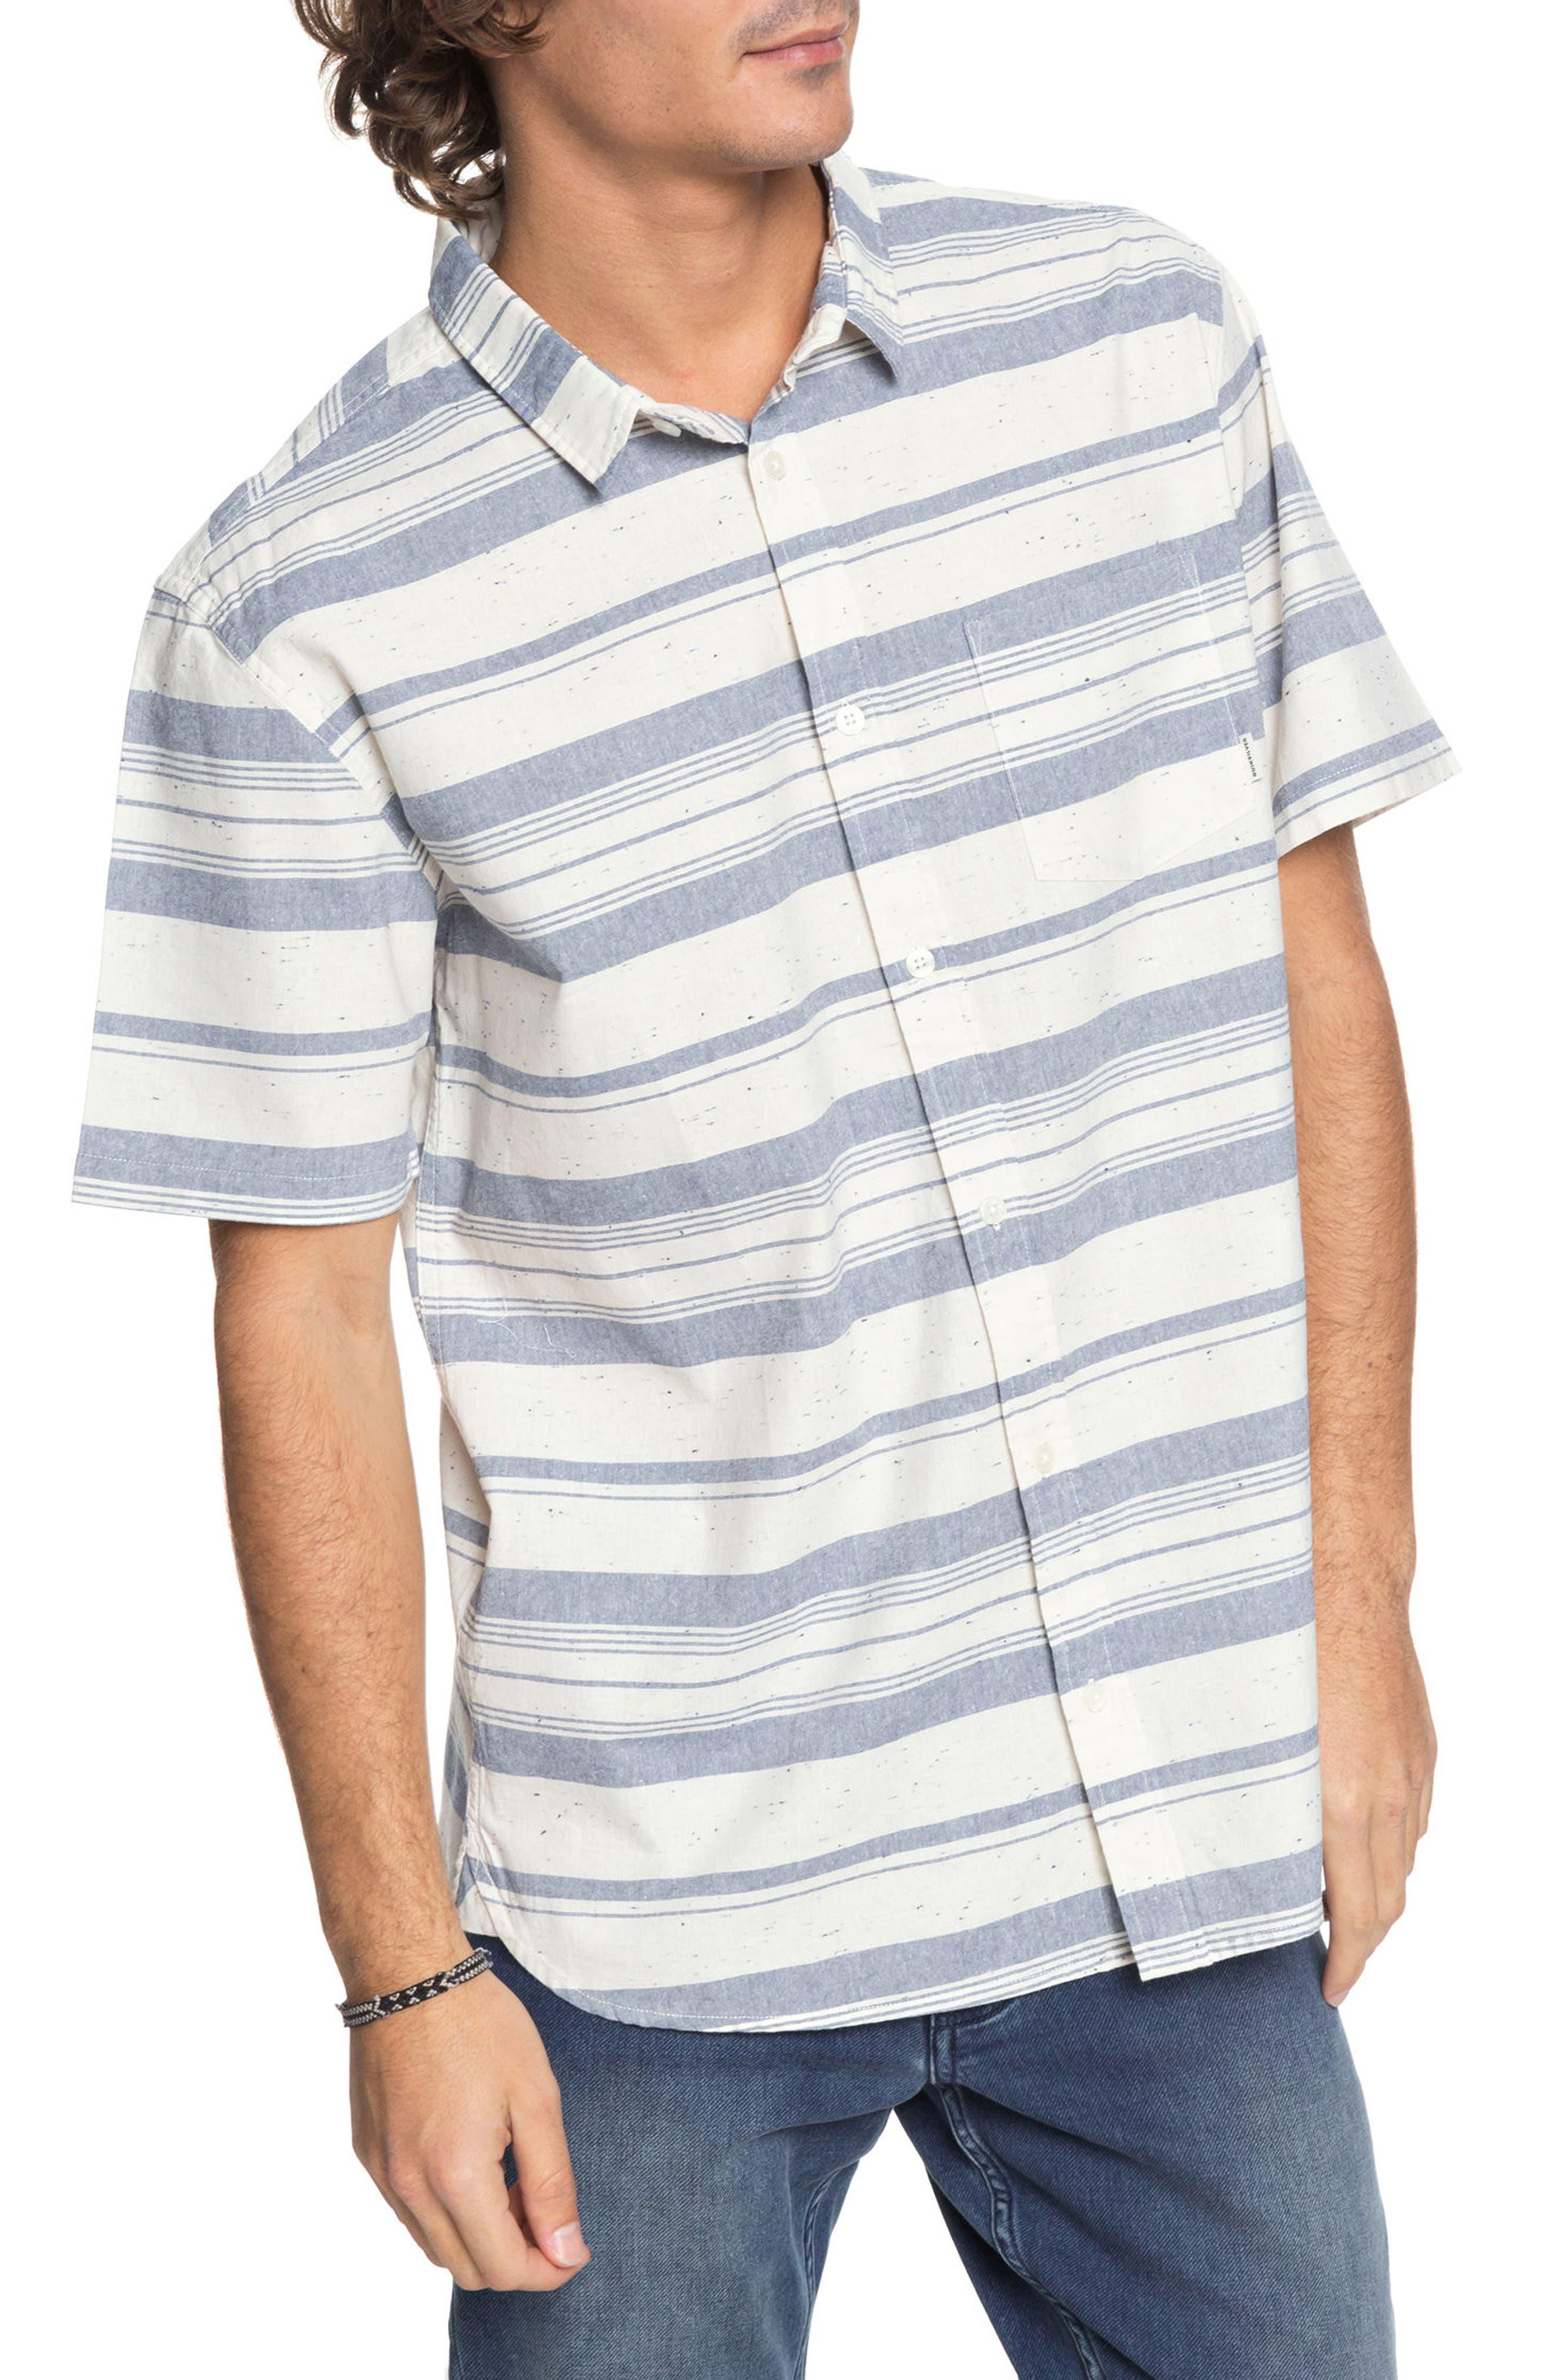 Quiksilver Good Wall II Woven Shirt